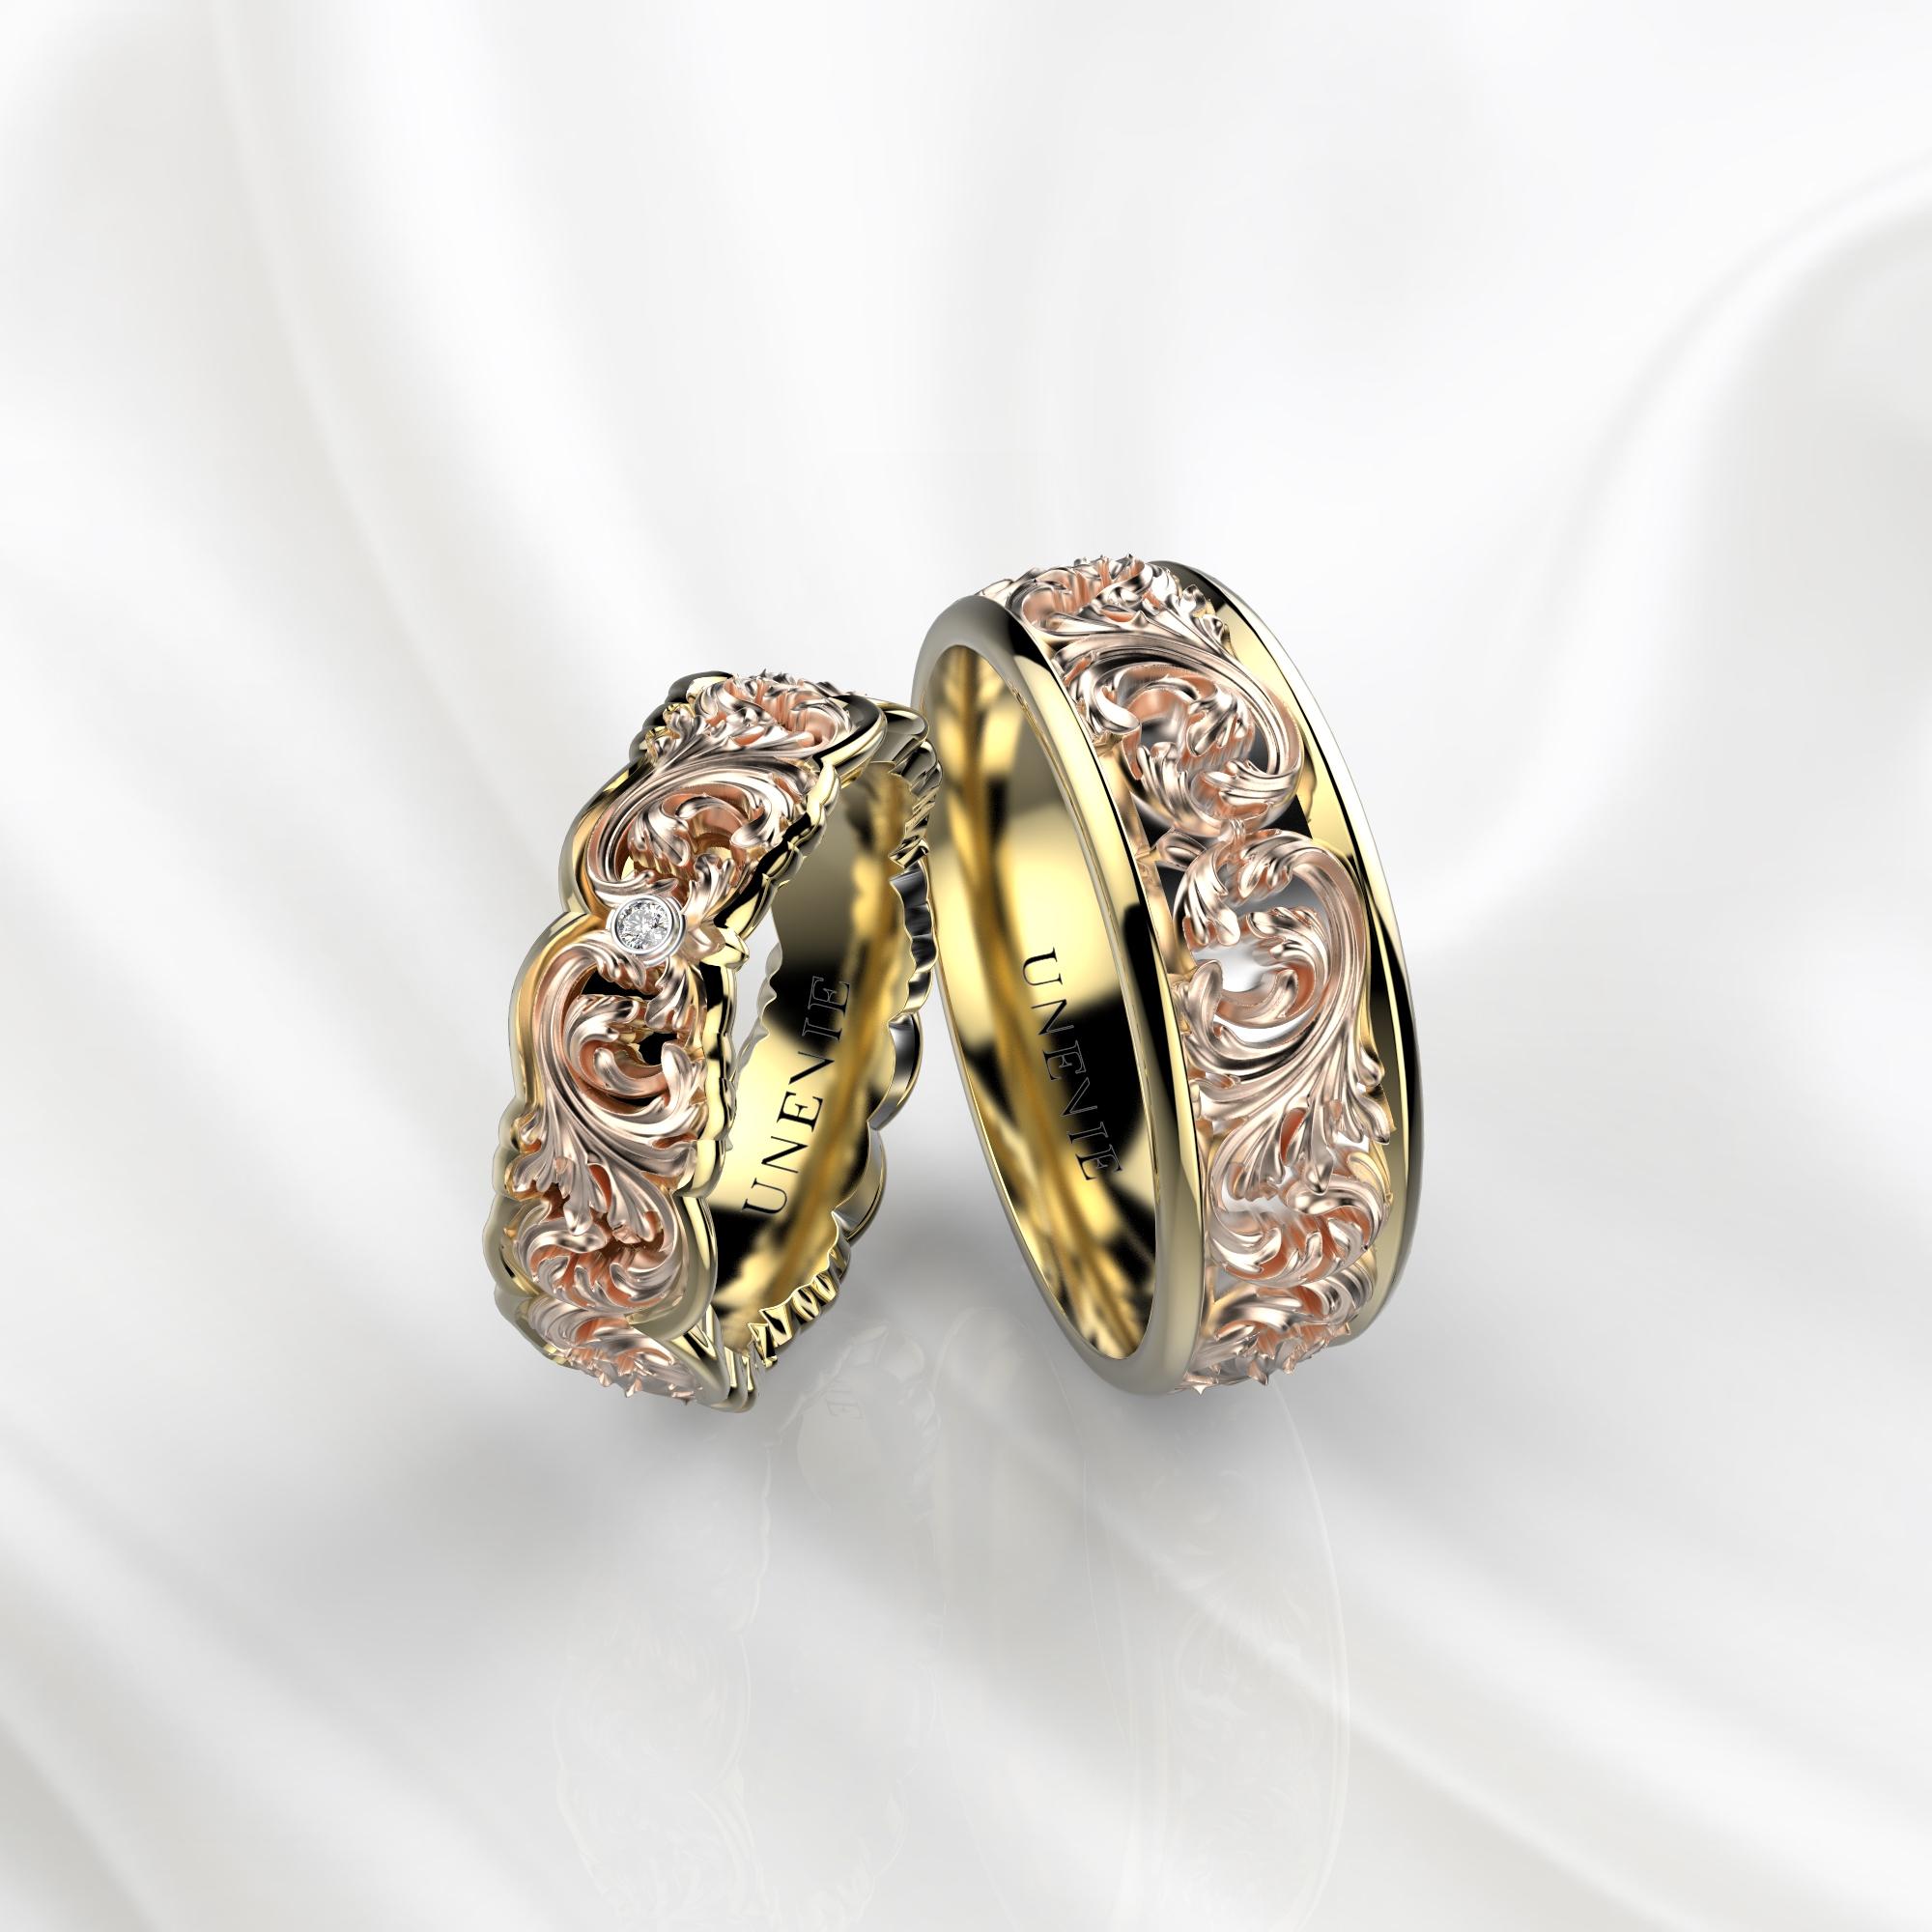 NV33 Обручальные кольца из желто-розового золота с бриллиантами